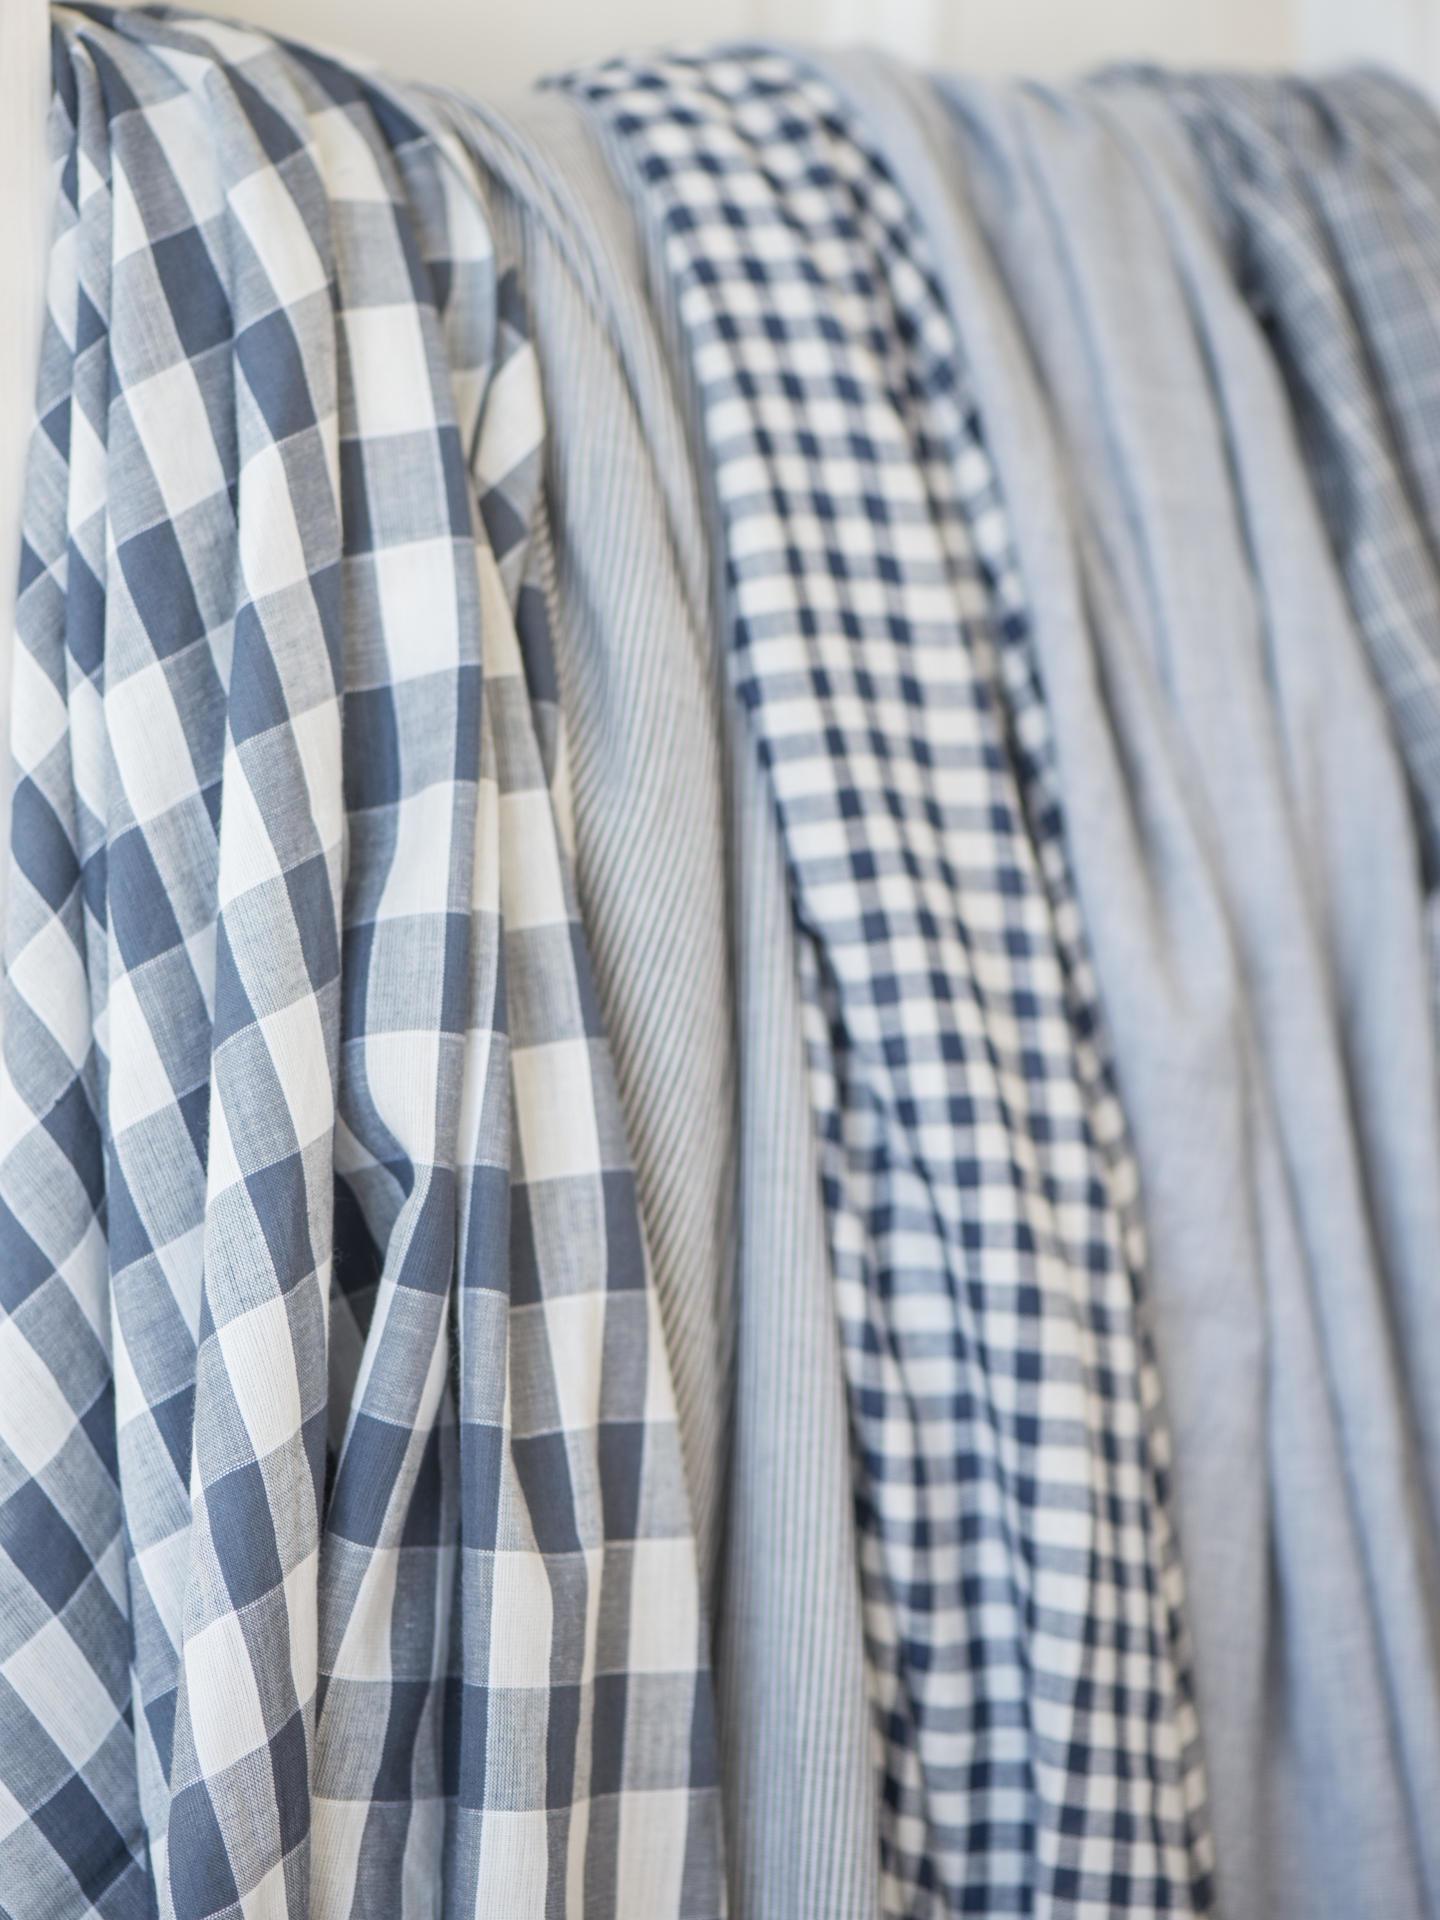 IB LAURSEN Dámský šátek s třásněmi Blue checkered/striped Typ A, modrá barva, textil